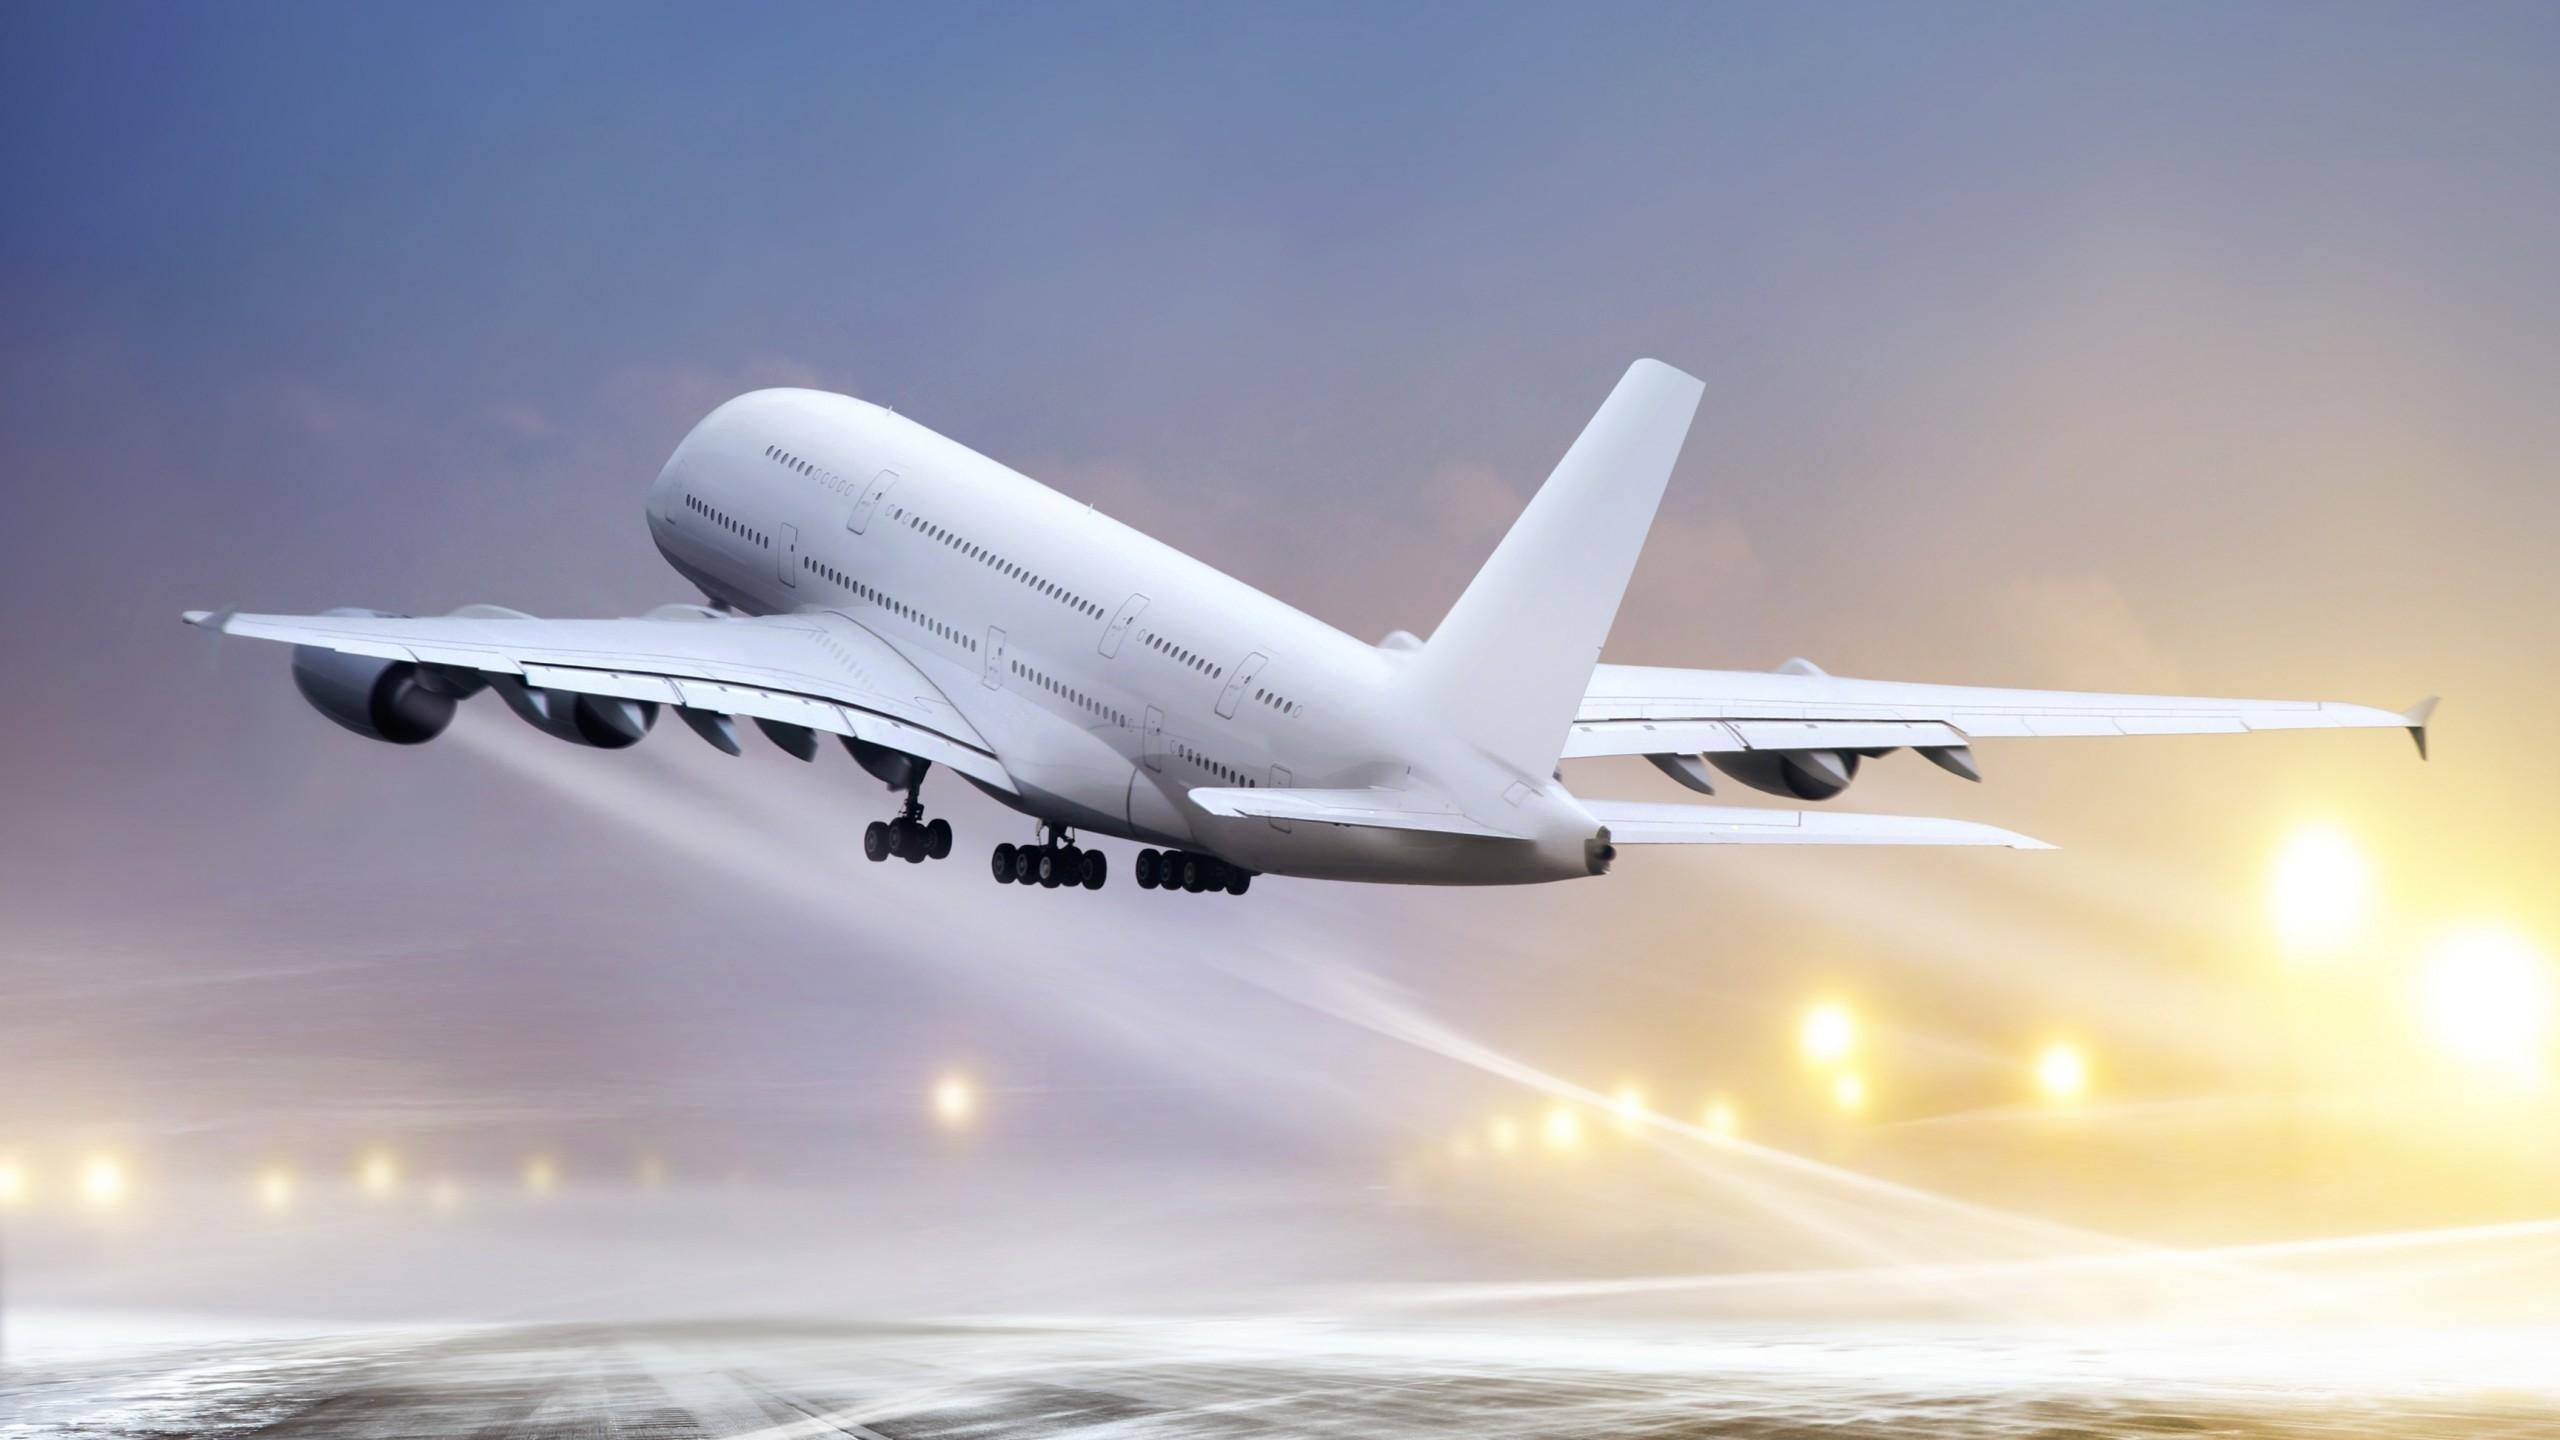 درباره هواپیما بیشتر بدانید